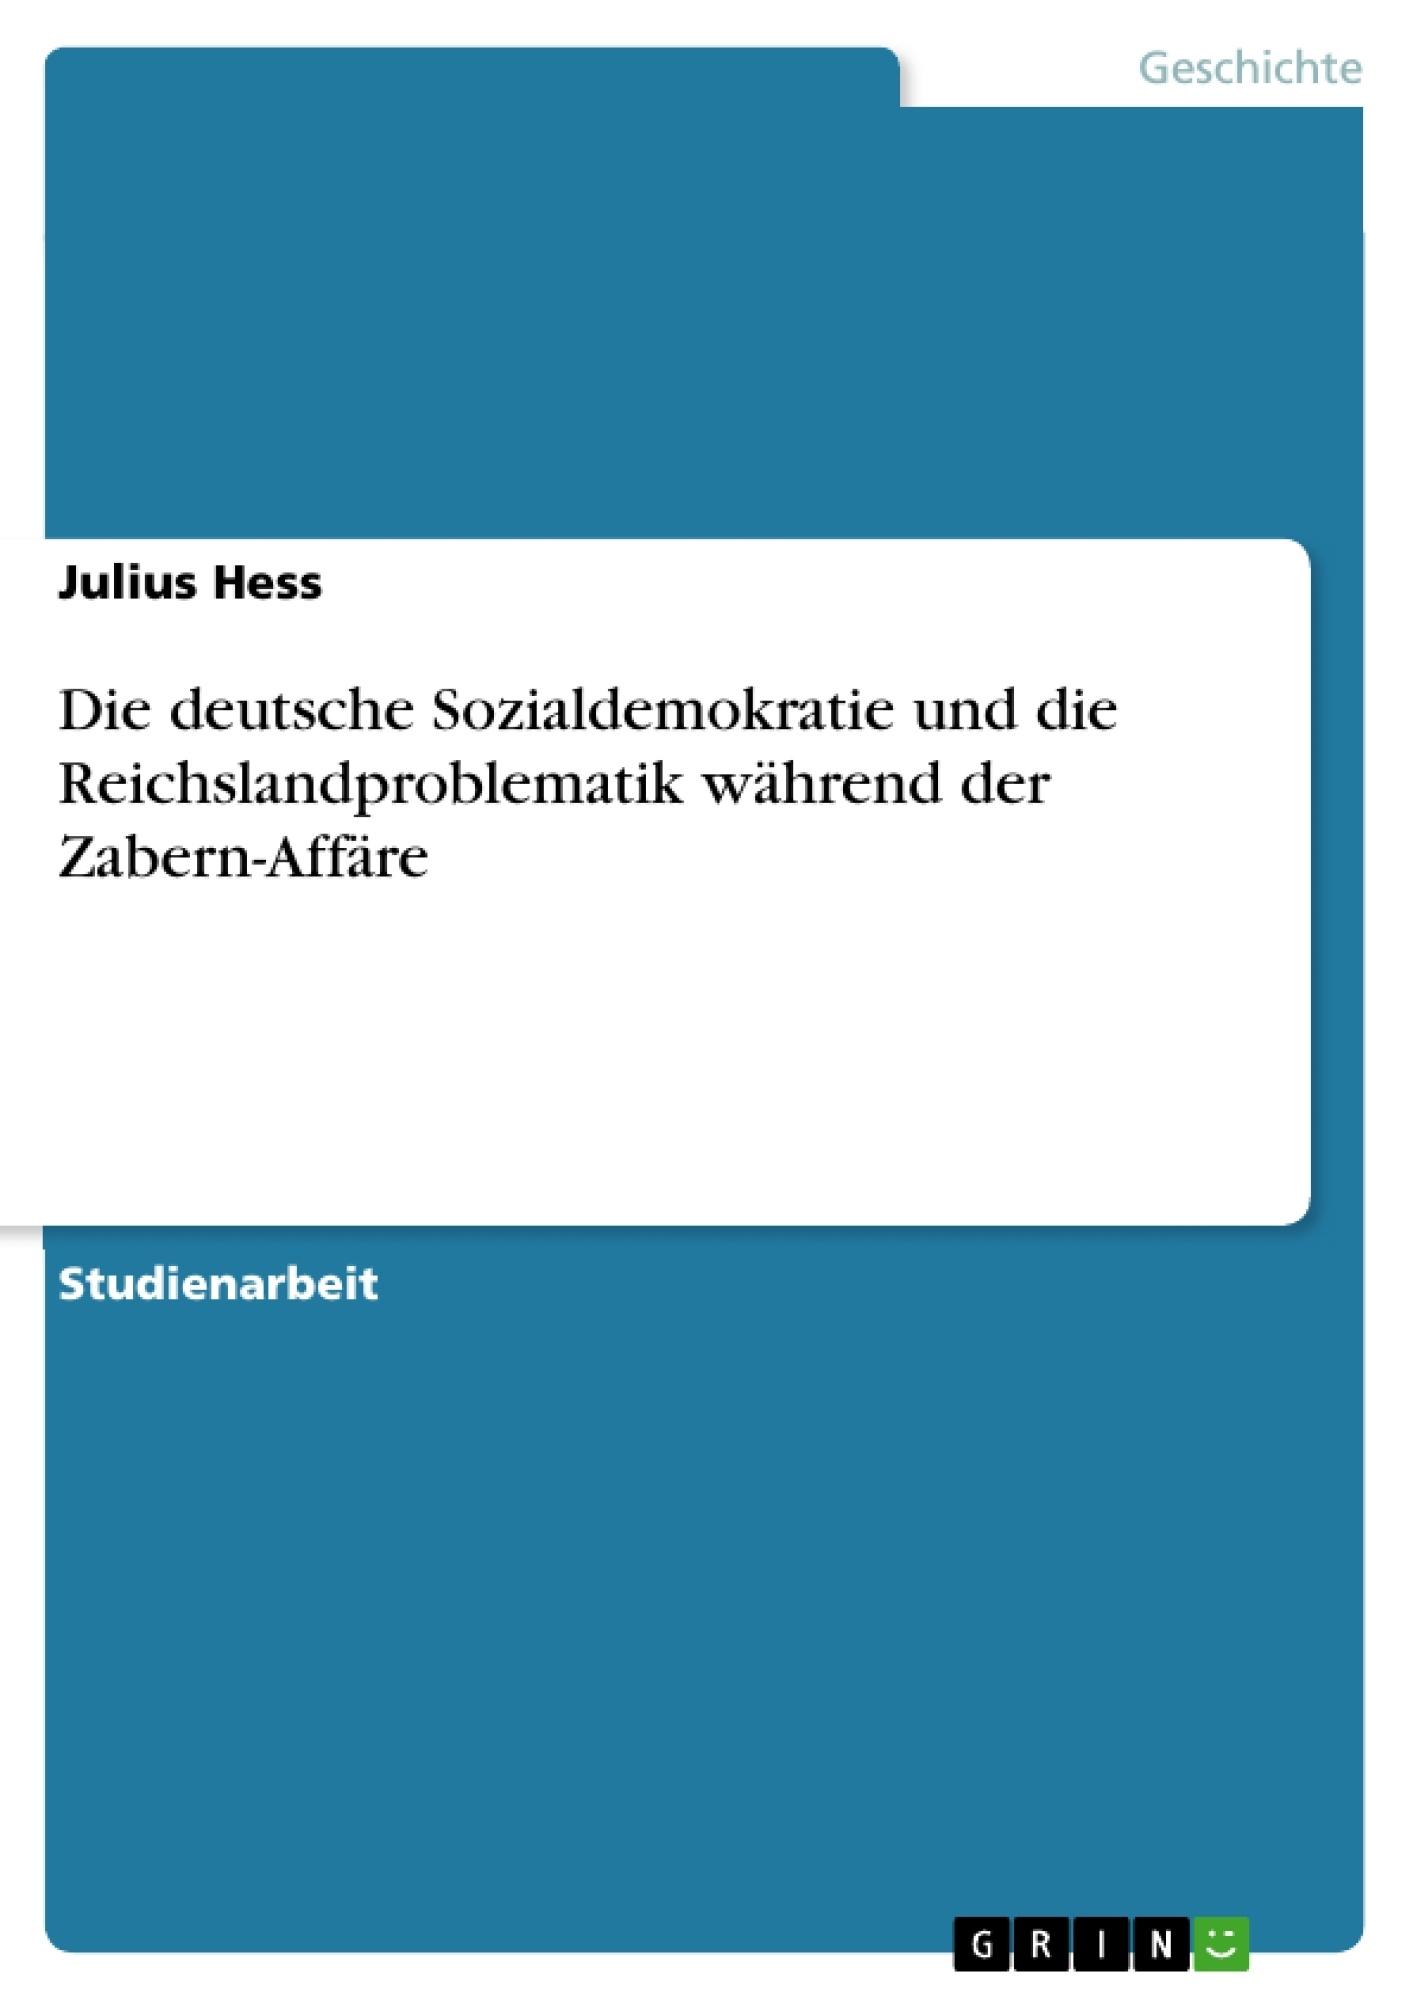 Titel: Die deutsche Sozialdemokratie und die Reichslandproblematik während der Zabern-Affäre